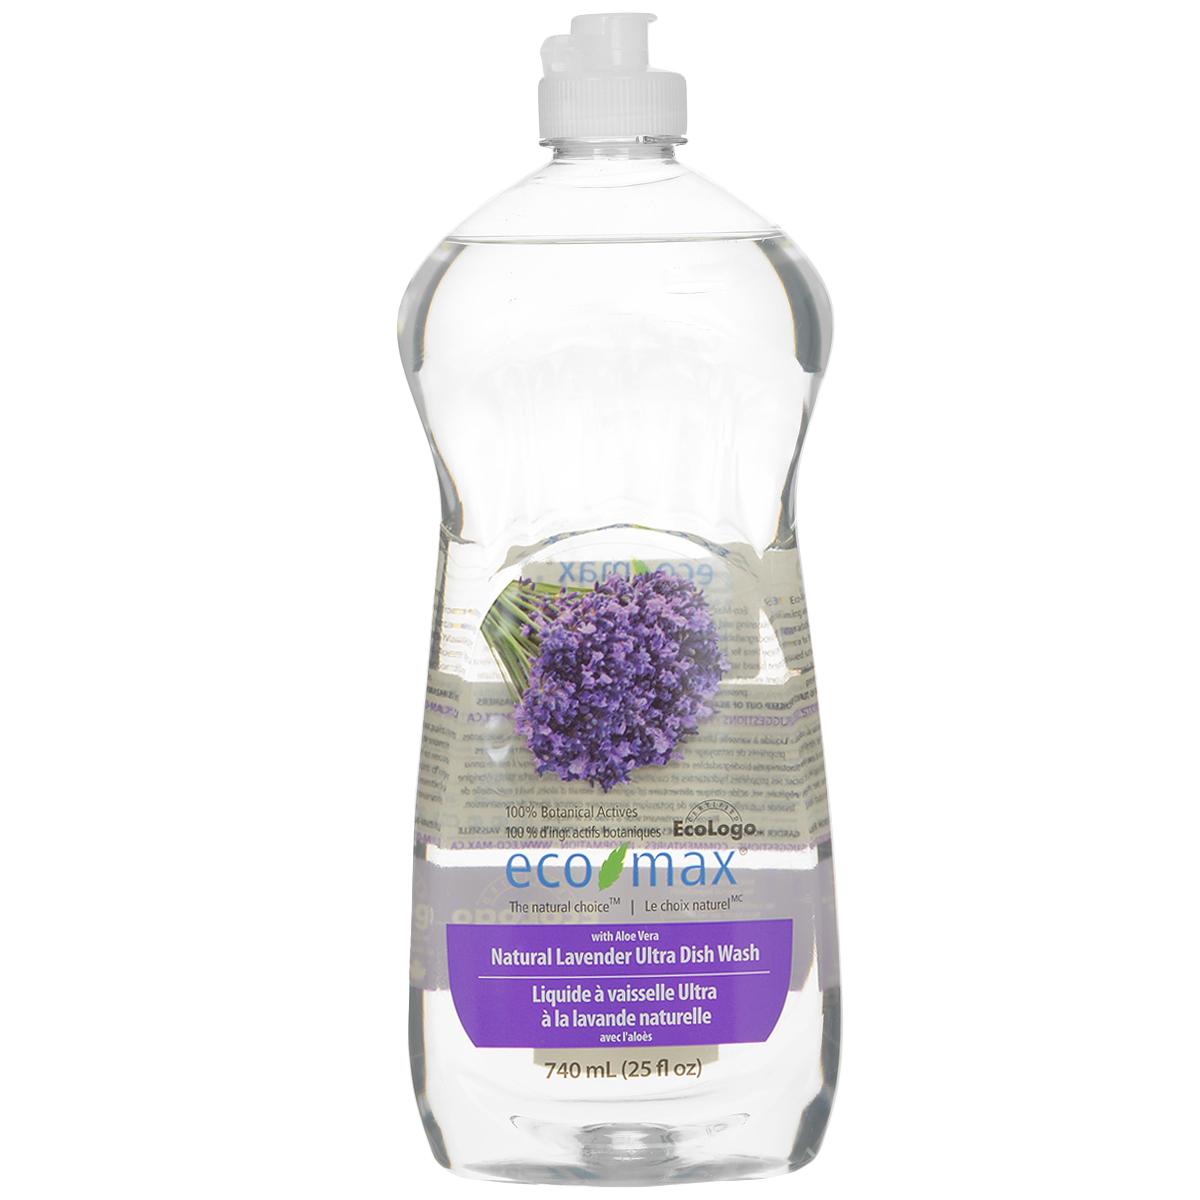 Средство для мытья посуды Eco Max Лаванда, 740 млEmax-C107Средство для мытья посуды Eco Max - натуральное средство на 100% растительной основе, полностью биоразлагаемое. В этом средстве используются активные чистящие вещества ингредиентов, полученных из биоразлагаемых и возобновляемых растительных источников. Содержит алоэ вера, обладающее увлажняющими и заживляющими свойствами. Натуральное лавандовое масло придает посуде свежий аромат. Состав: вода, ПАВ растительного происхождения, растительный экстракт алоэ вера, соль, пищевой сорбат калия в качестве консерванта, пищевая лимонная кислота (из плодов лимона), натуральное эфирное масло лаванды. Товар сертифицирован. Как выбрать качественную бытовую химию, безопасную для природы и людей. Статья OZON Гид